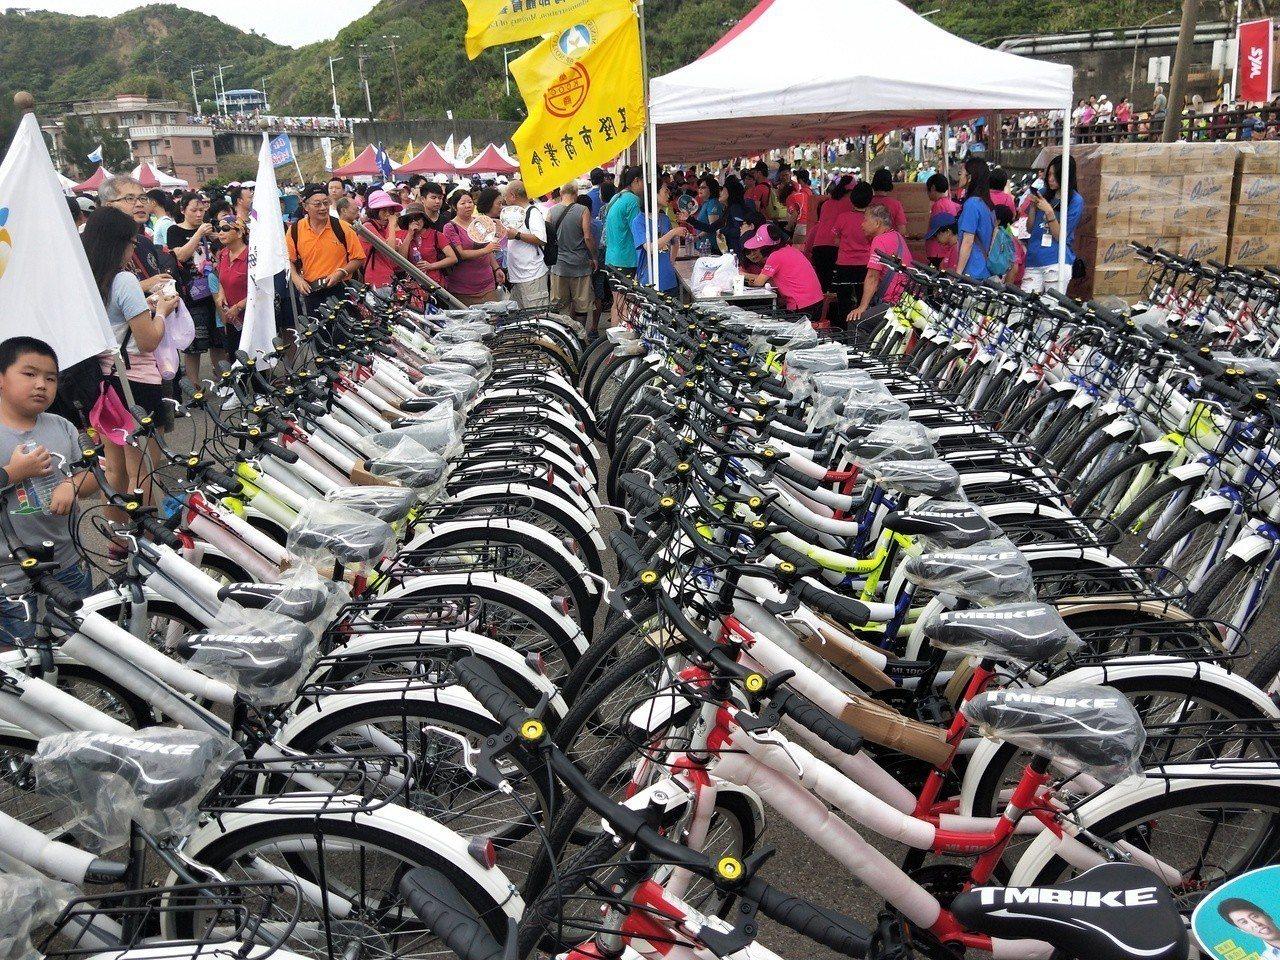 現場提供6輛機車、180輛腳踏車等很多車項讓參加民眾摸彩,讓民眾都想試試手氣。記...